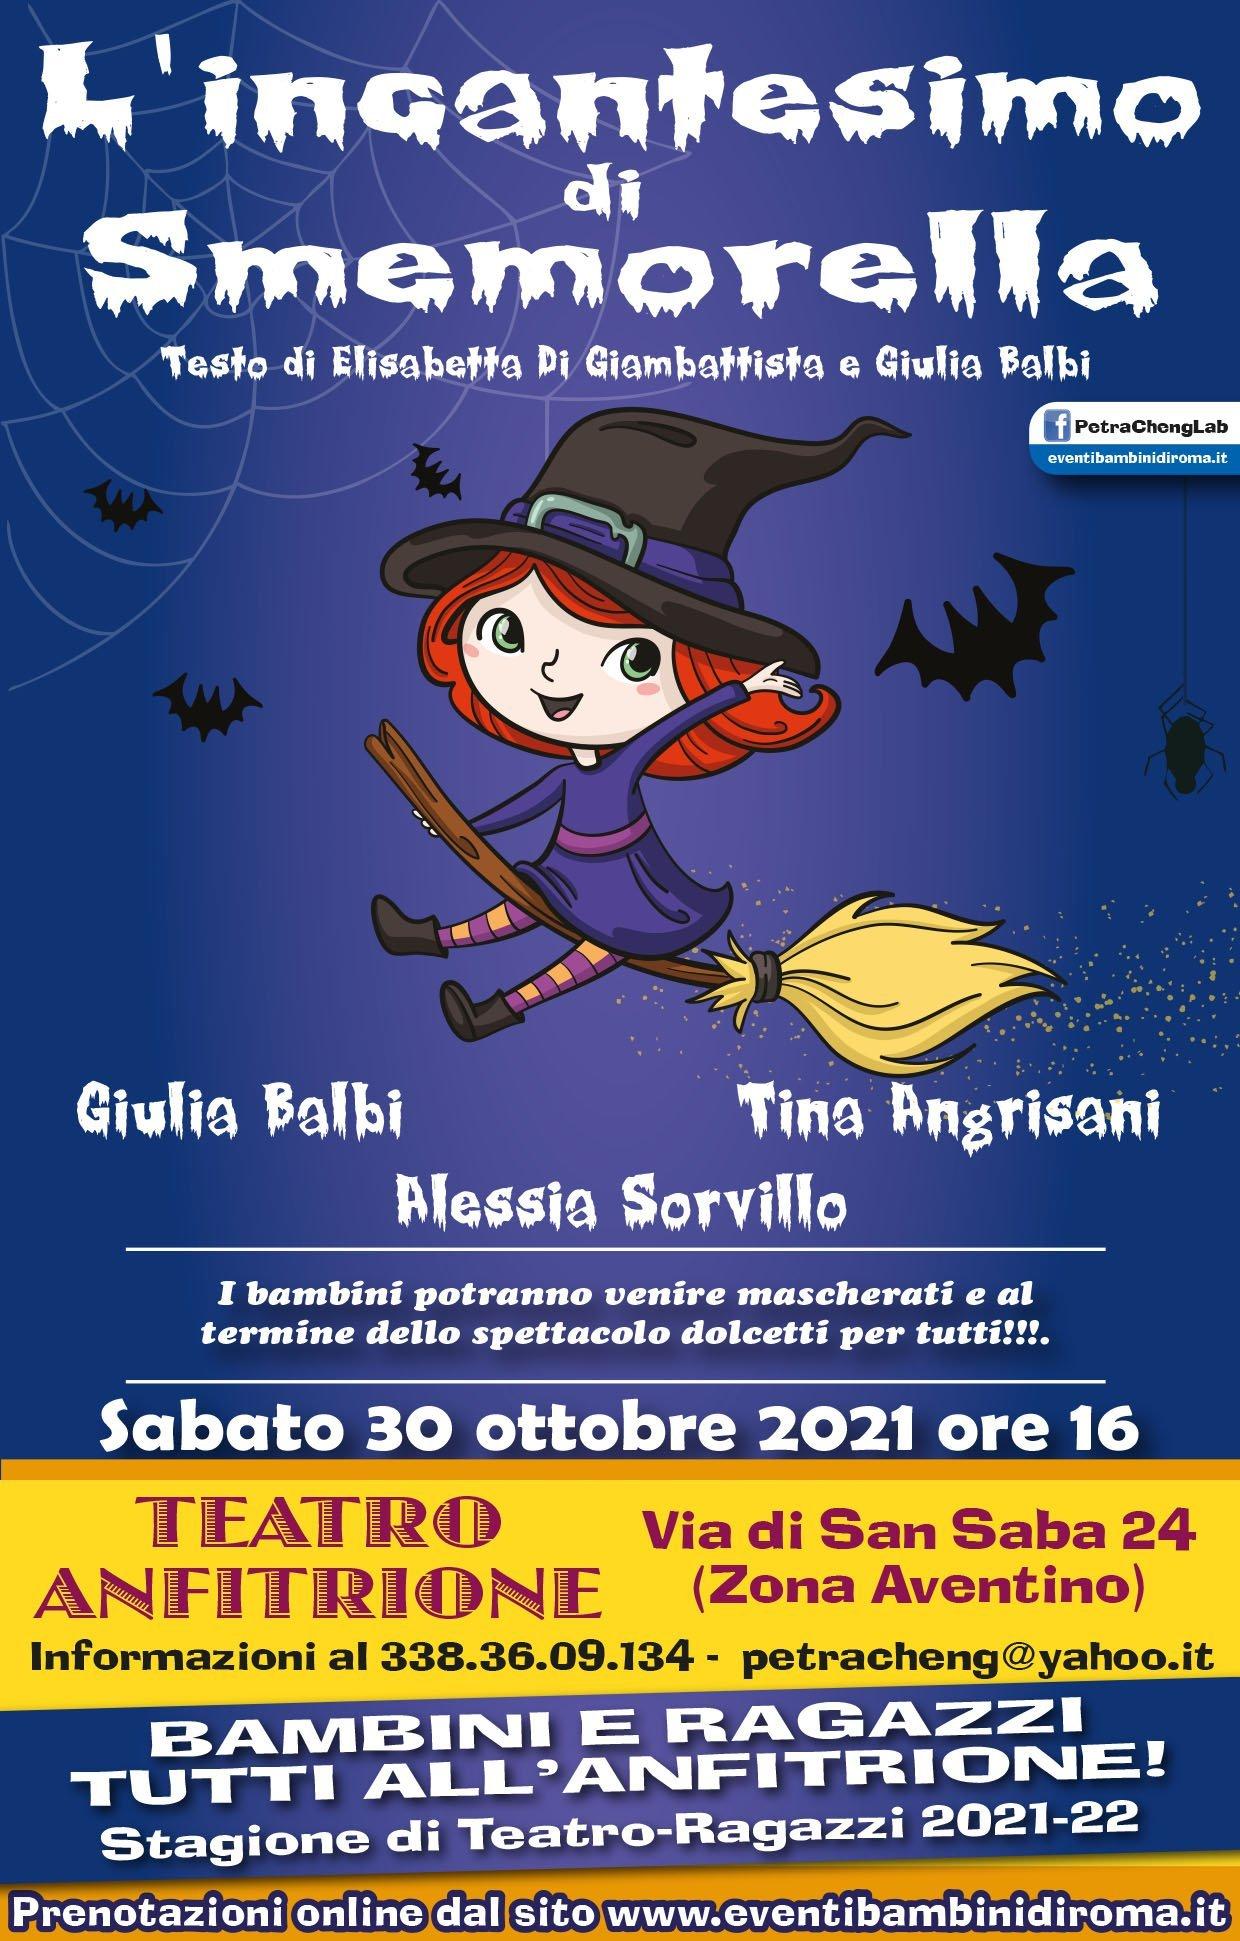 Theatre show for children